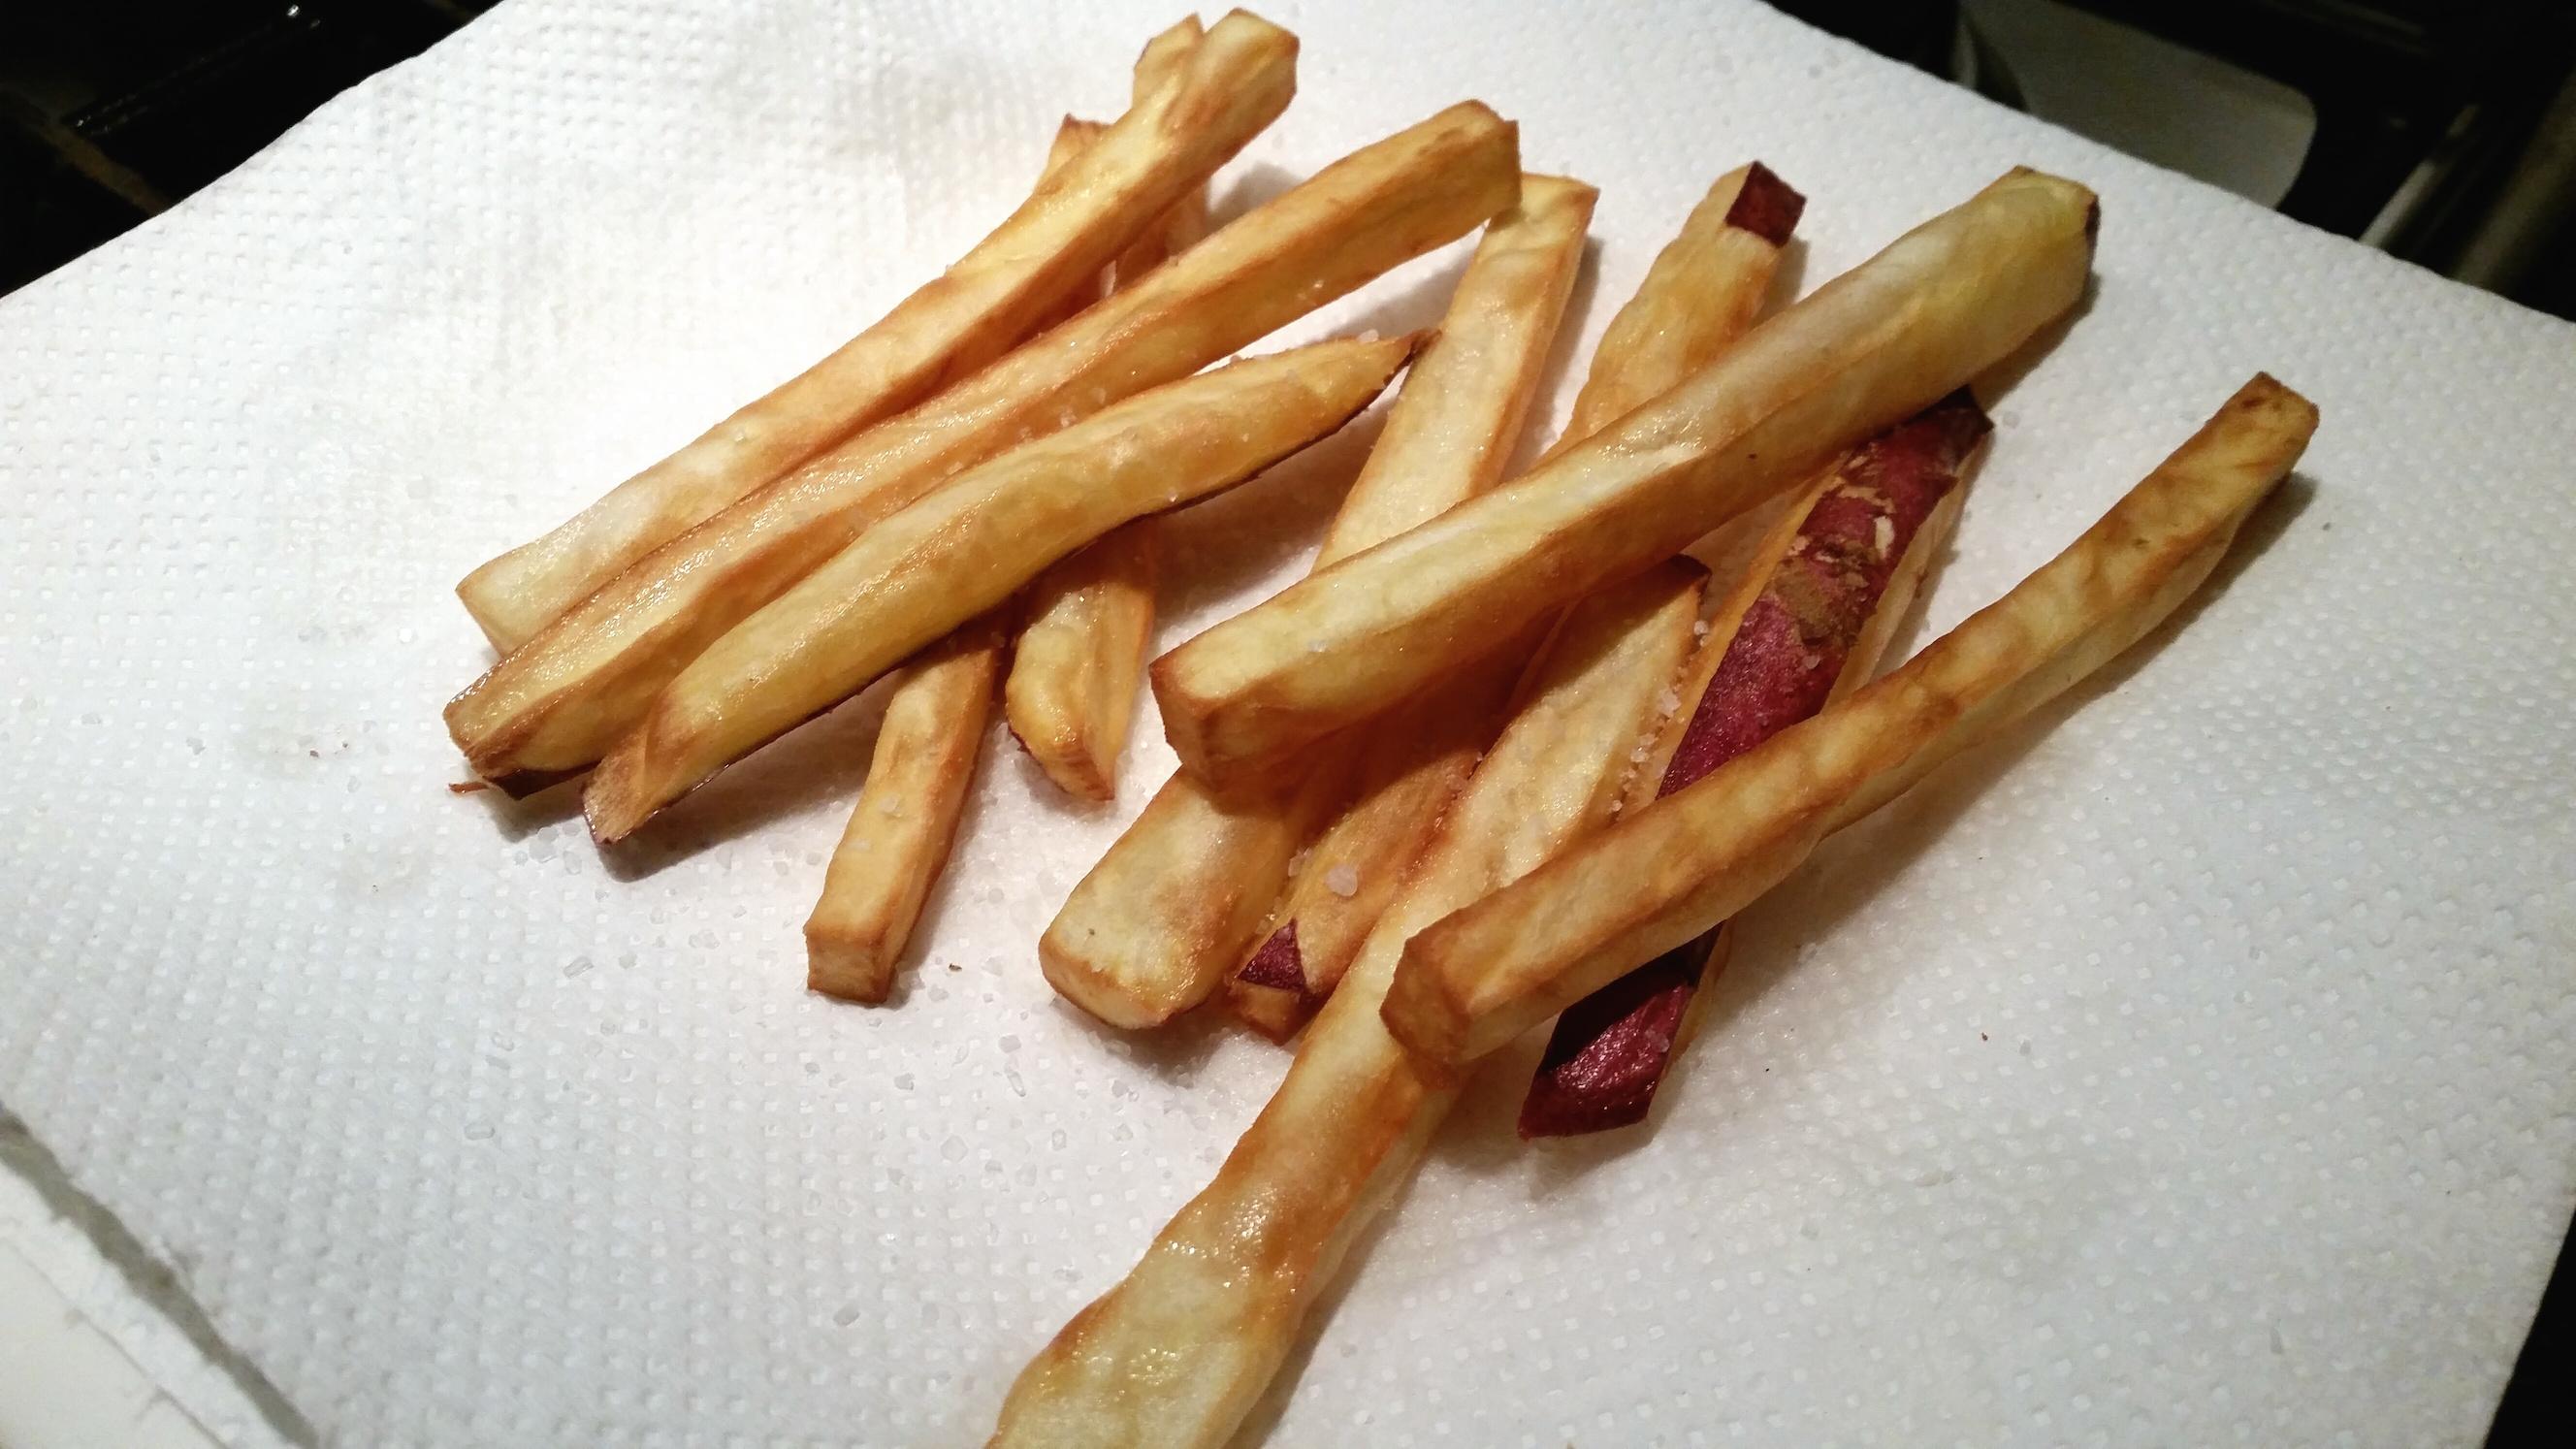 friet maken van zoete aardappel